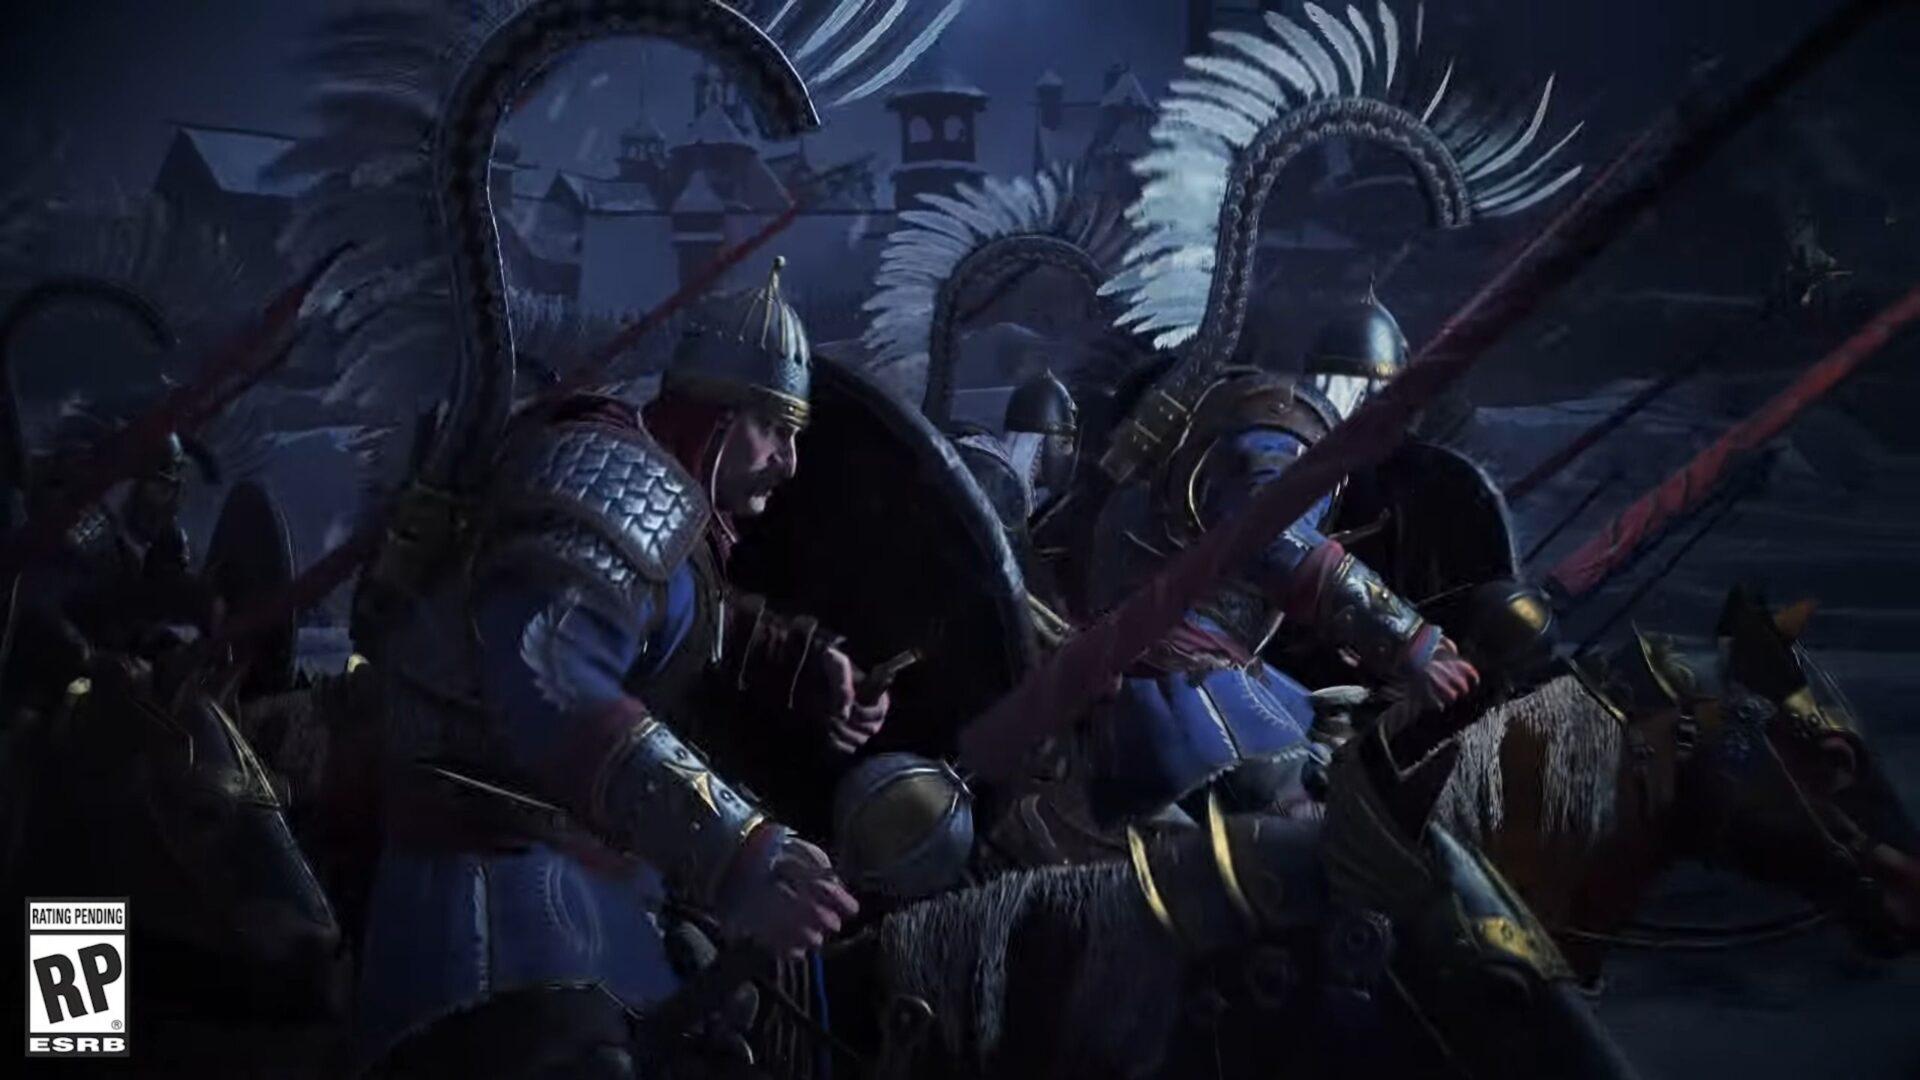 Total War; Warhammer III